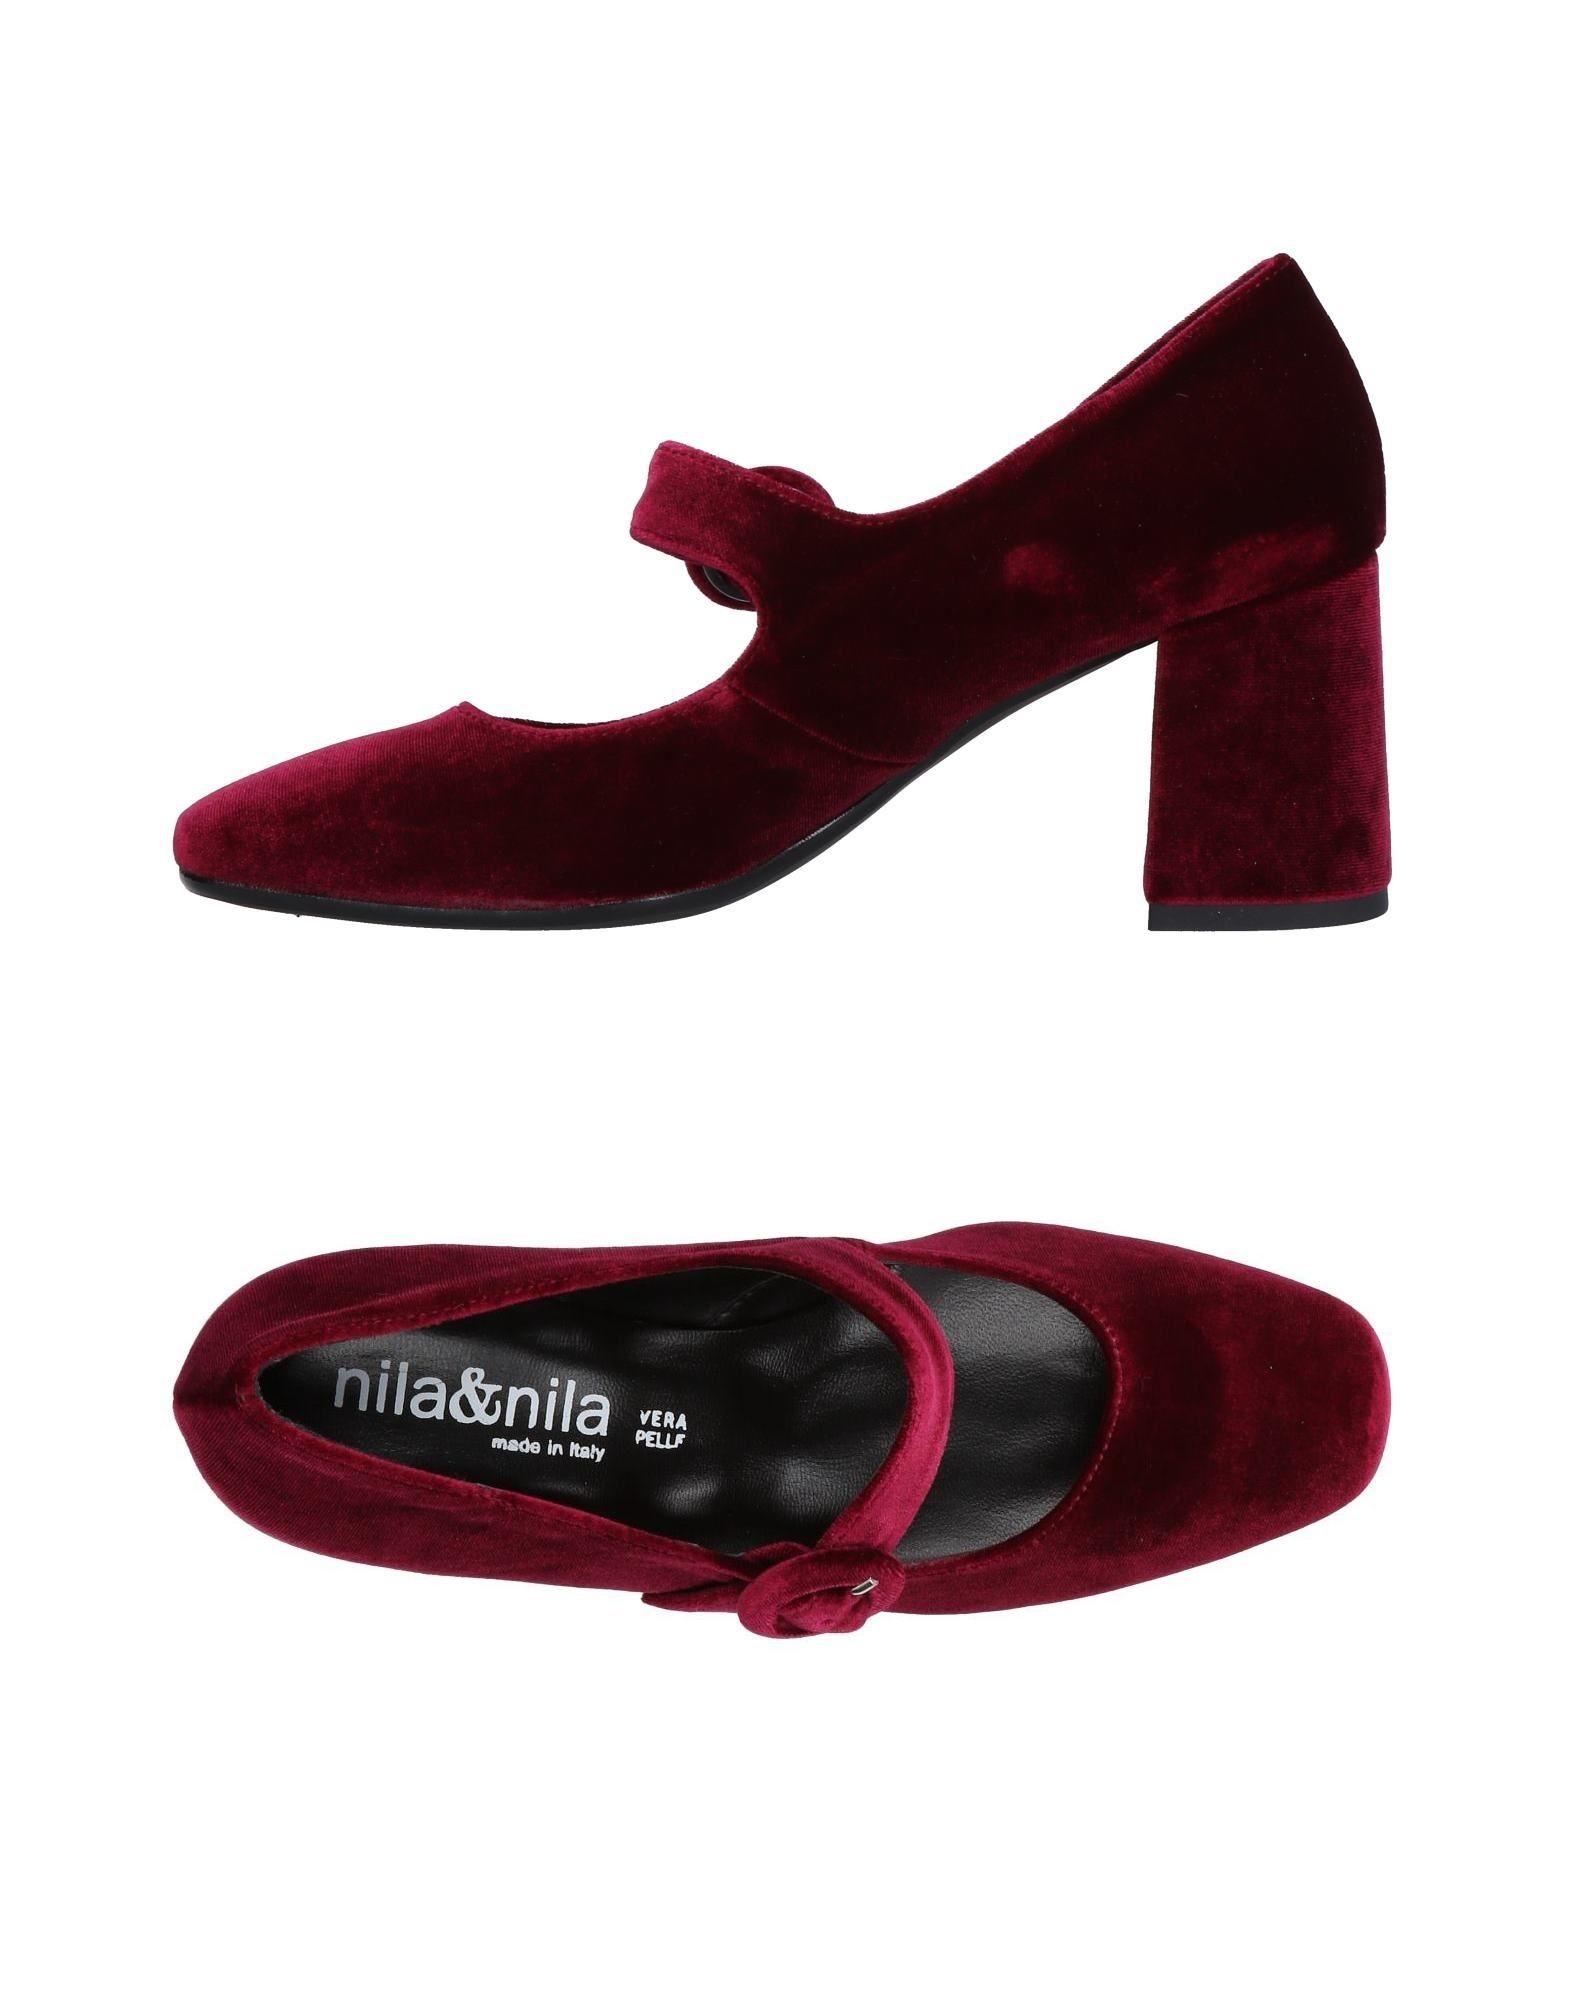 Nila & Nila Pumps Damen  11473437KP beliebte Gute Qualität beliebte 11473437KP Schuhe 34be63